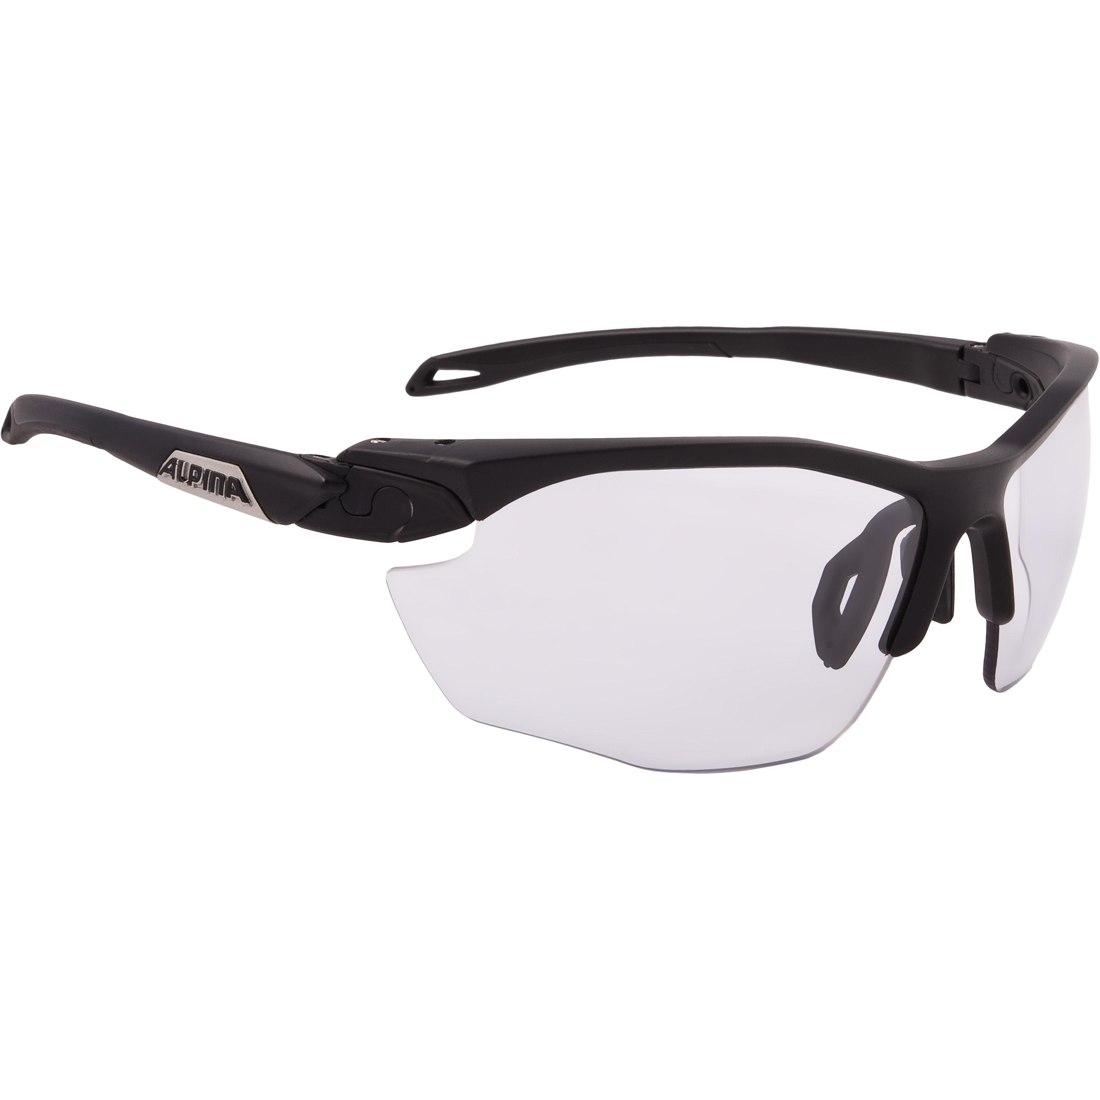 Foto de Alpina Twist Five HR VL+ black matt/Varioflex black - Glasses